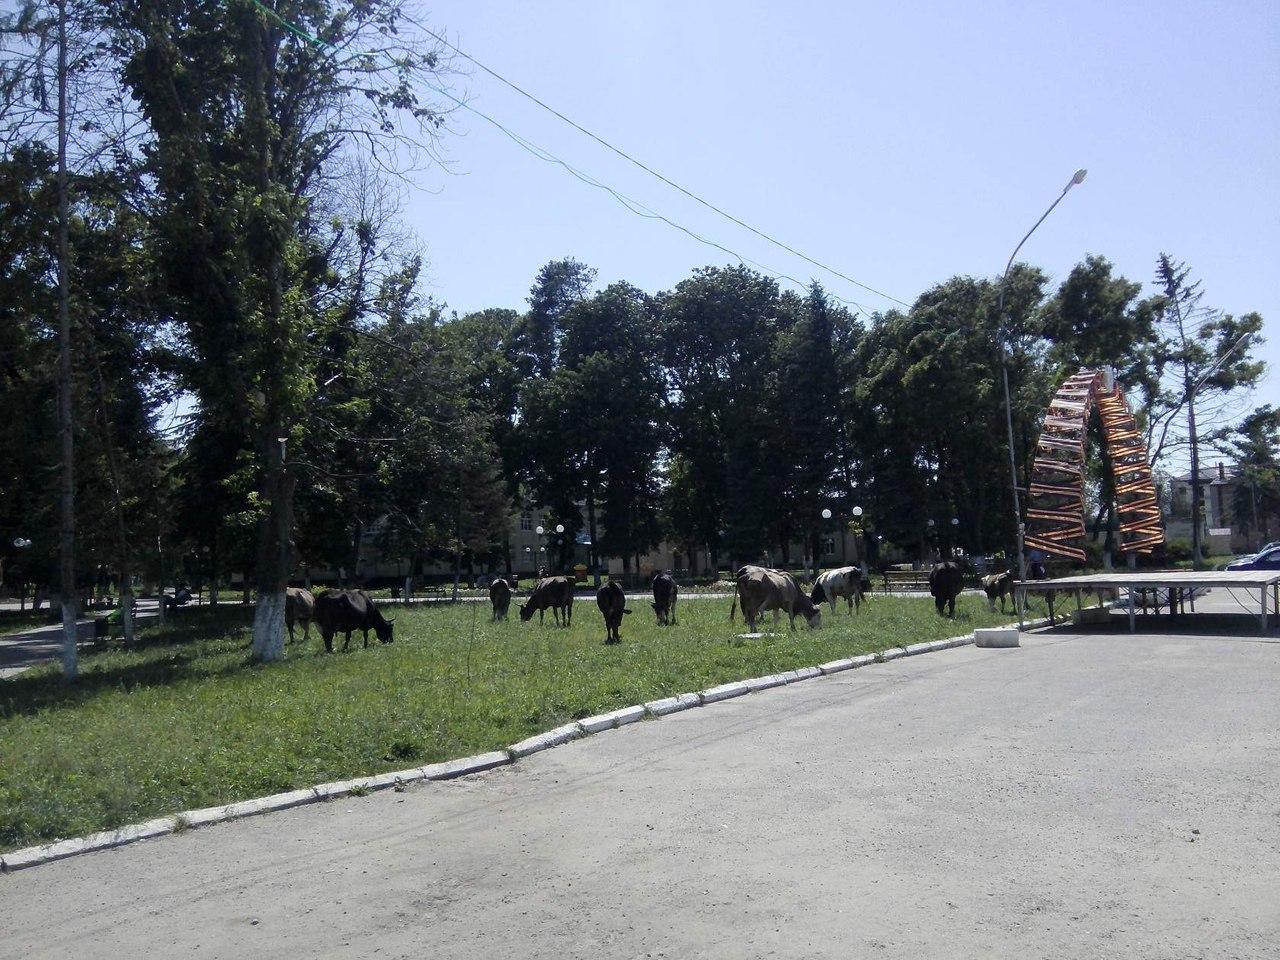 «Народный» парк станицы Зеленчукской превращается в пастбище